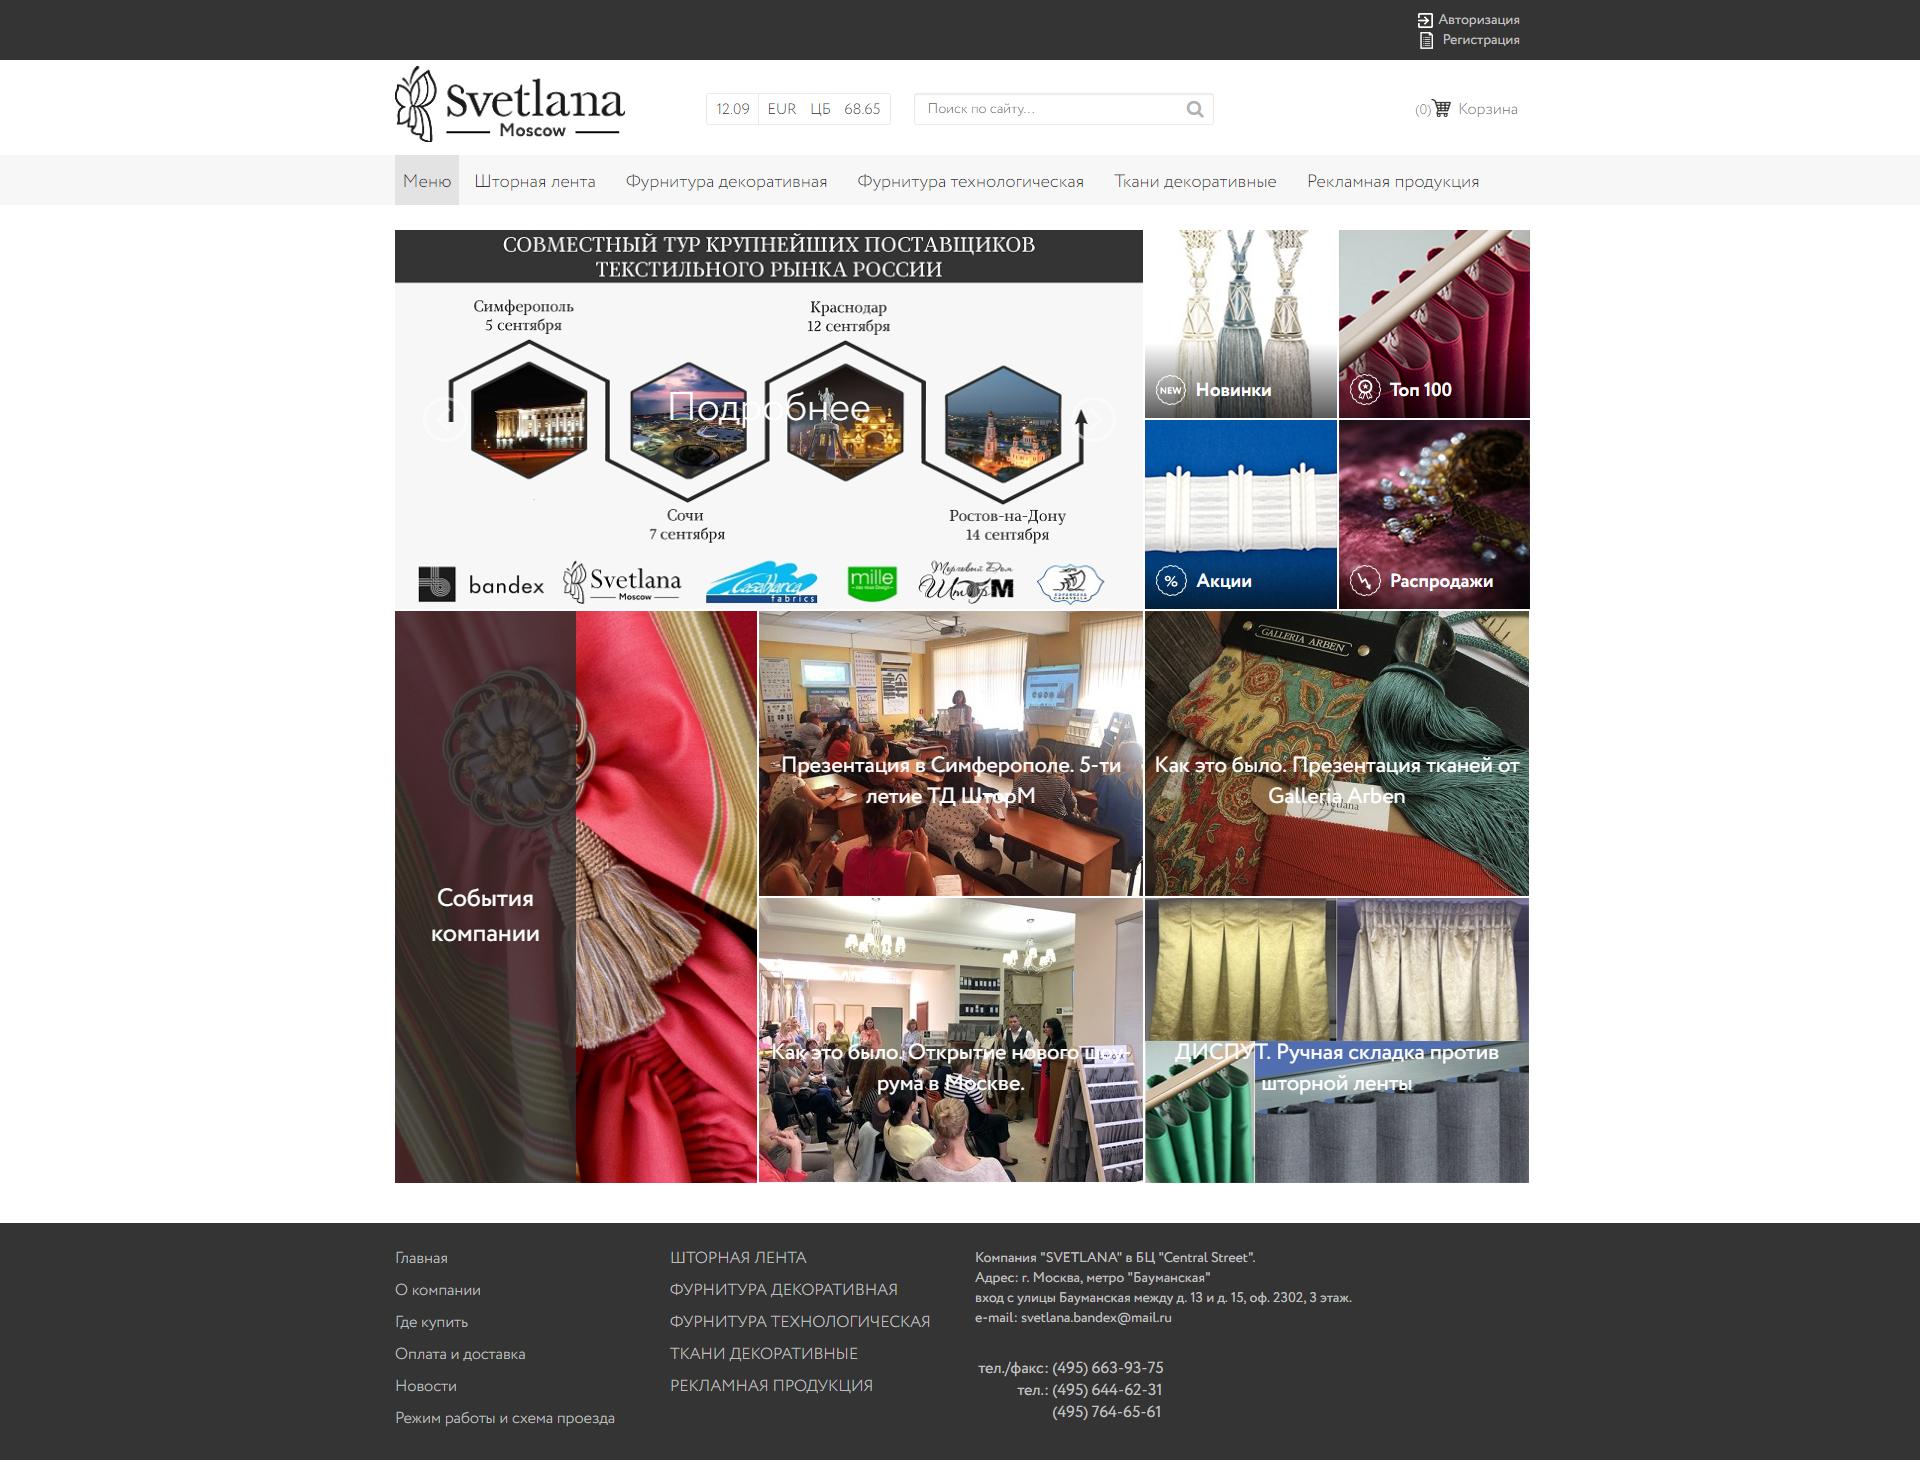 Интернет-магазин штор и тканей, работающий на cms opencart.